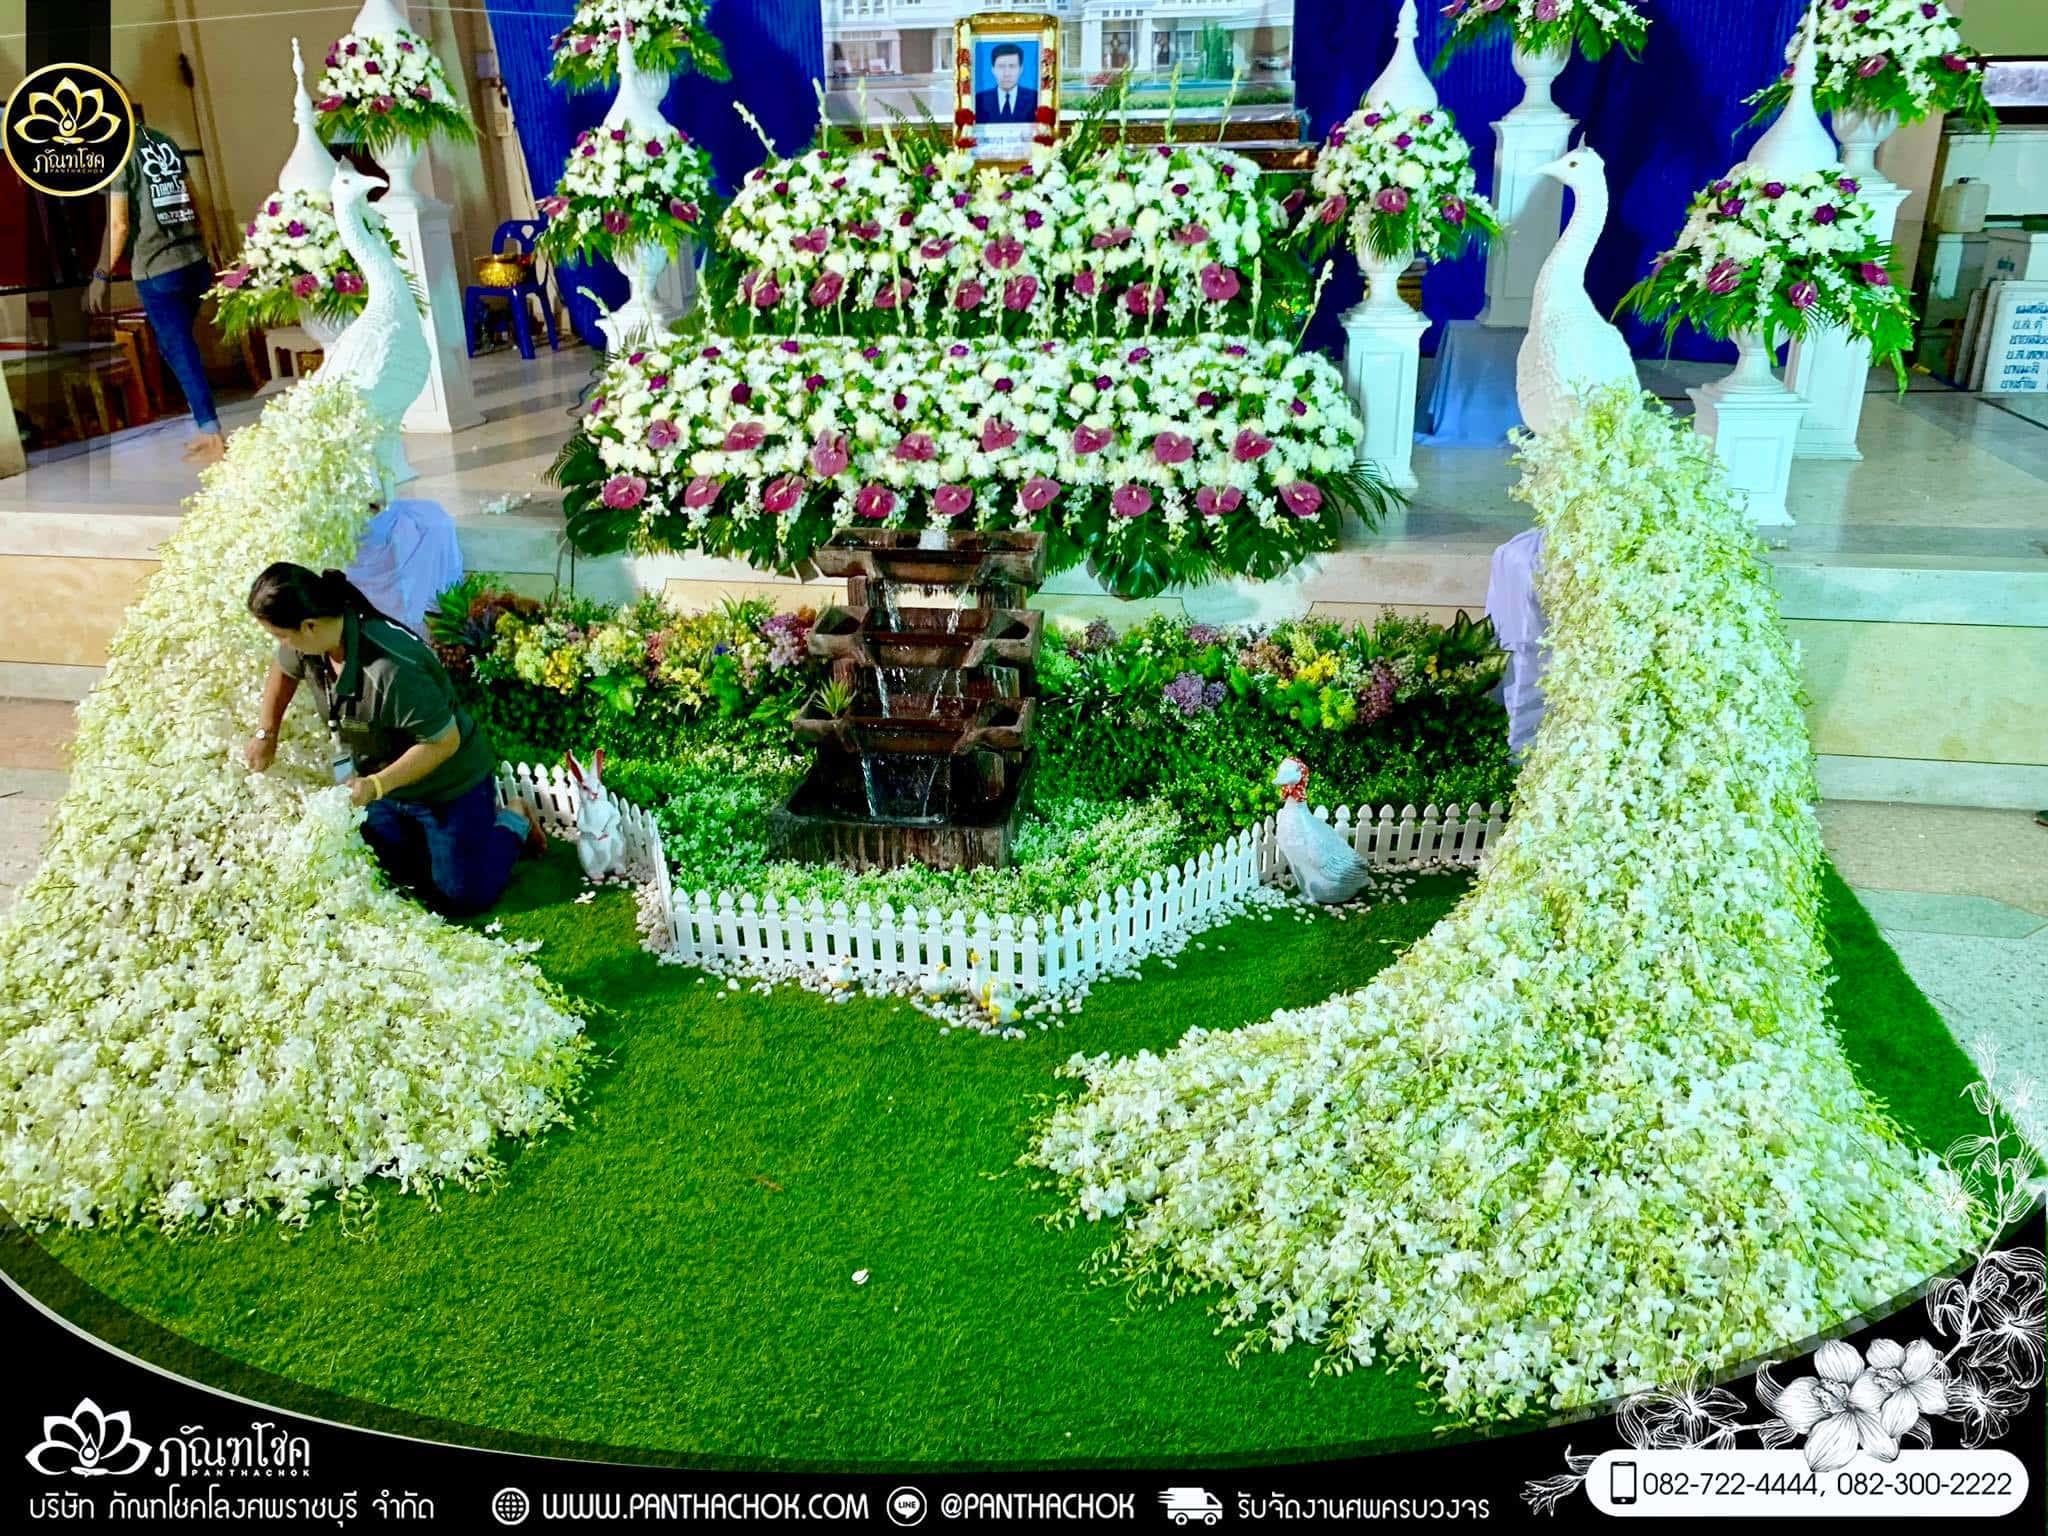 ผู้ให้บริการจัดดอกไม้งานศพ อันดับ 1 ในราชบุรี (ผลงานวัดวันดาว อ.ปากท่อ) 1